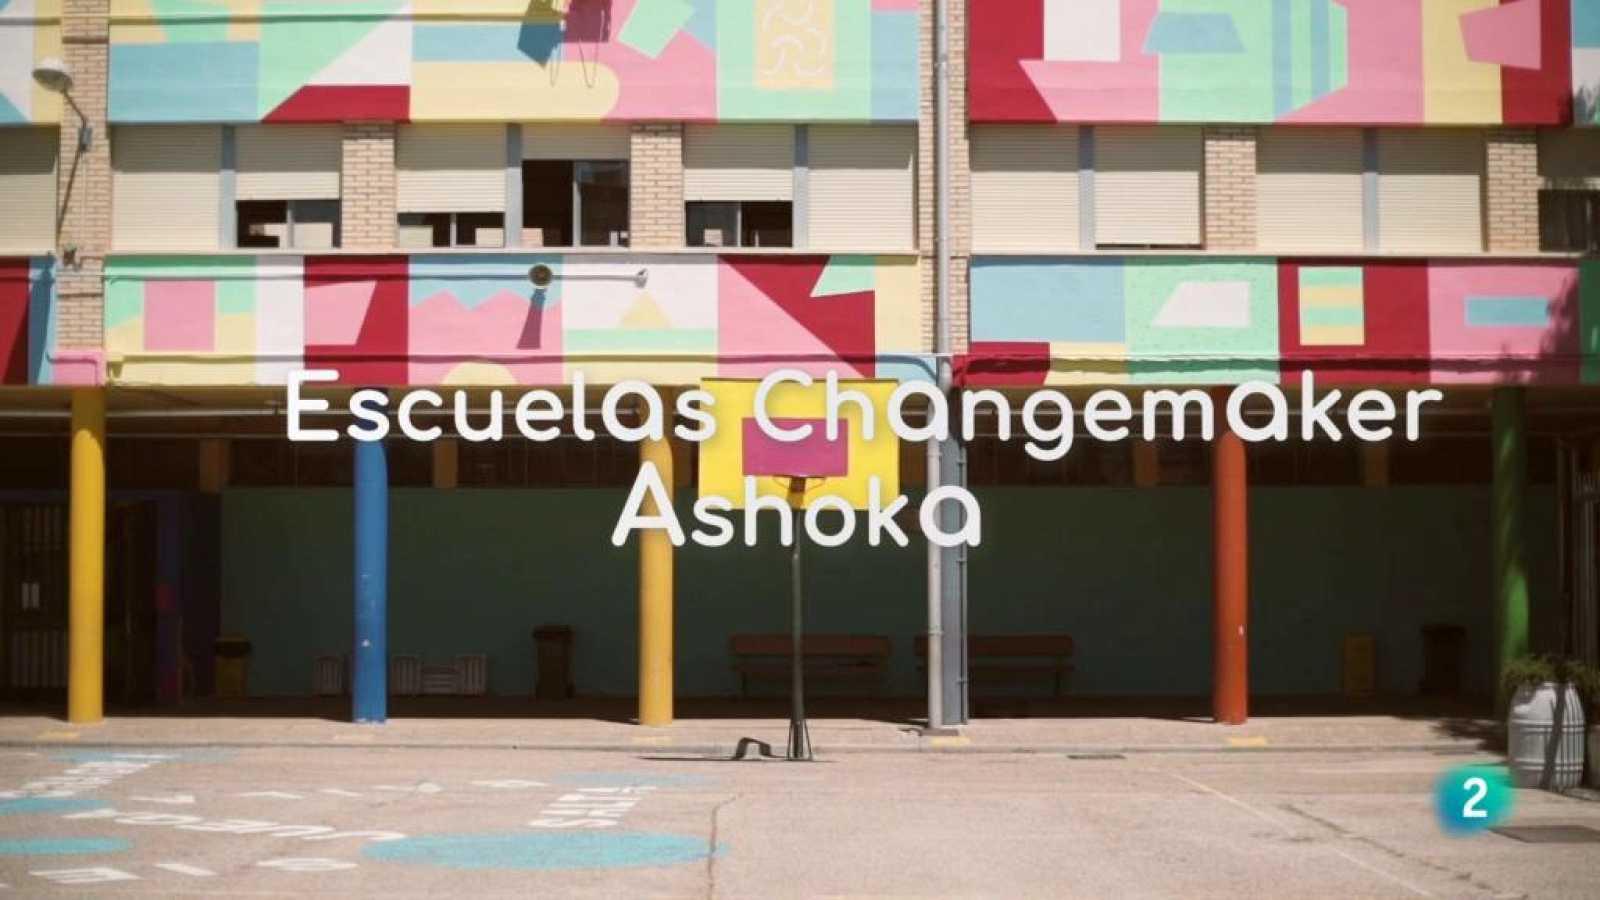 La aventura del saber Escuelas Changemakers 2 educación Ashoka pedagogía #AventuraSaberEducación